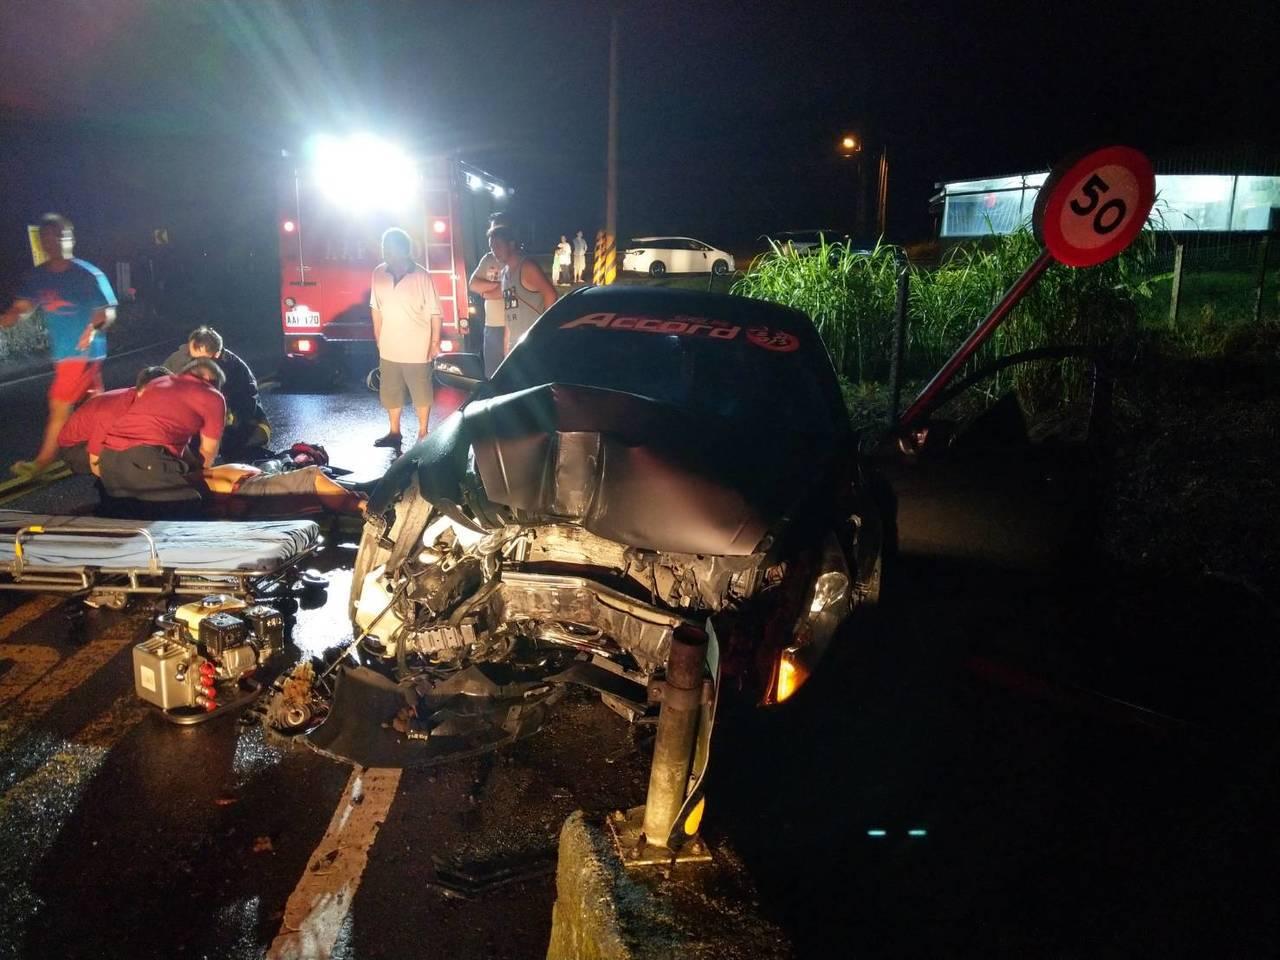 宜蘭雨夜,大同鄉有轎車自撞,駕駛無生命徵象,送醫搶救。圖/宜蘭縣消防局提供